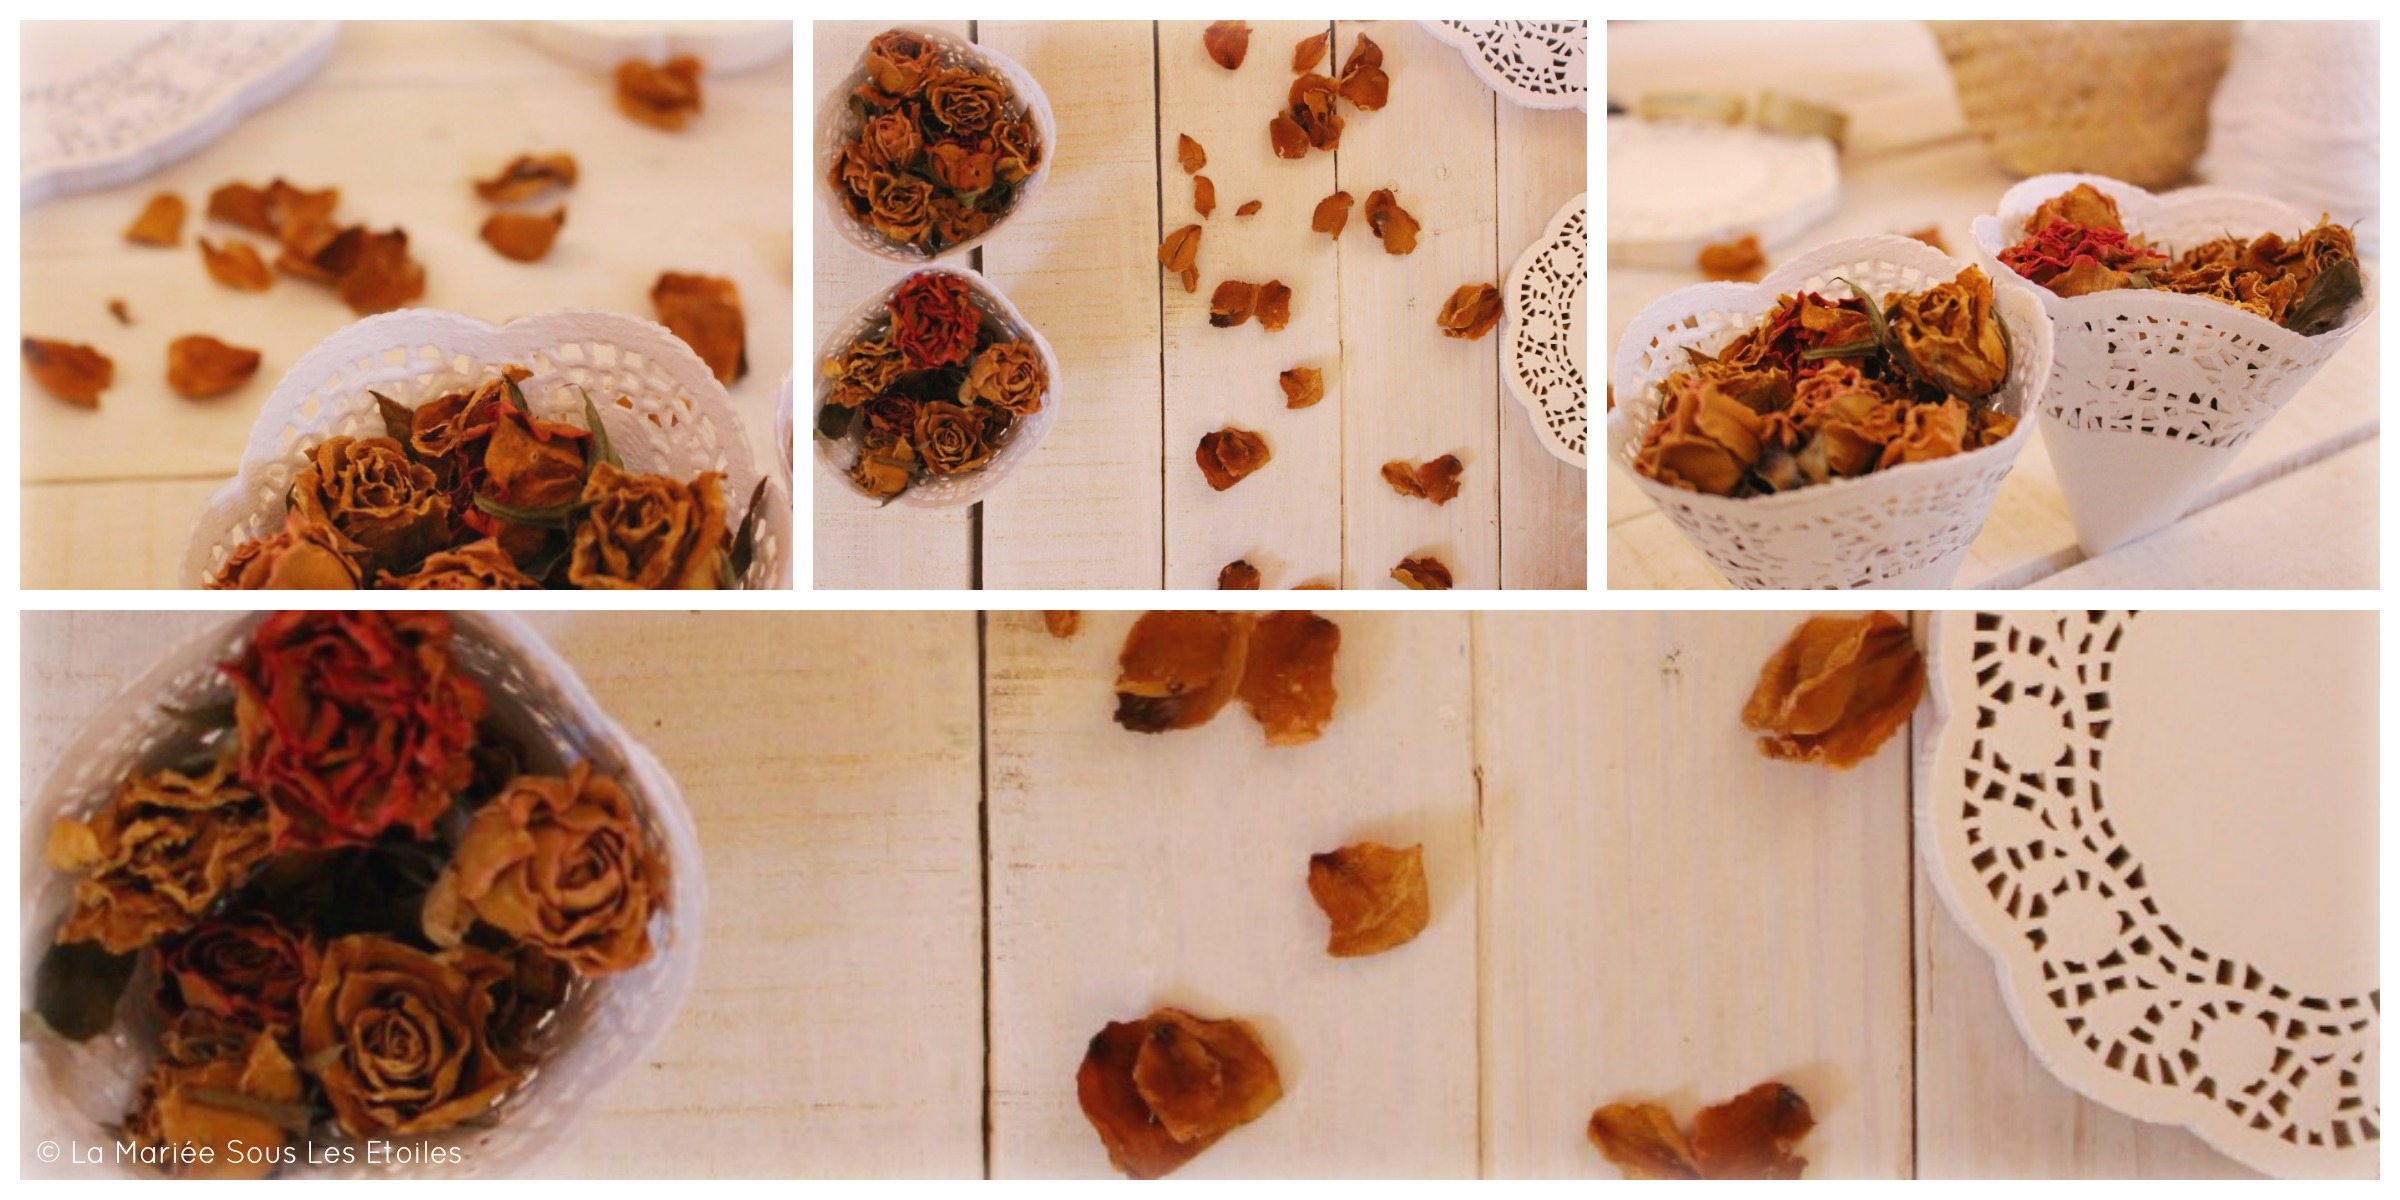 Tuto {DIY} Fabriquer des petits cornets en papier dentelle | Tuto Décoration Mariage présenté par La Mariée Sous Les Etoiles